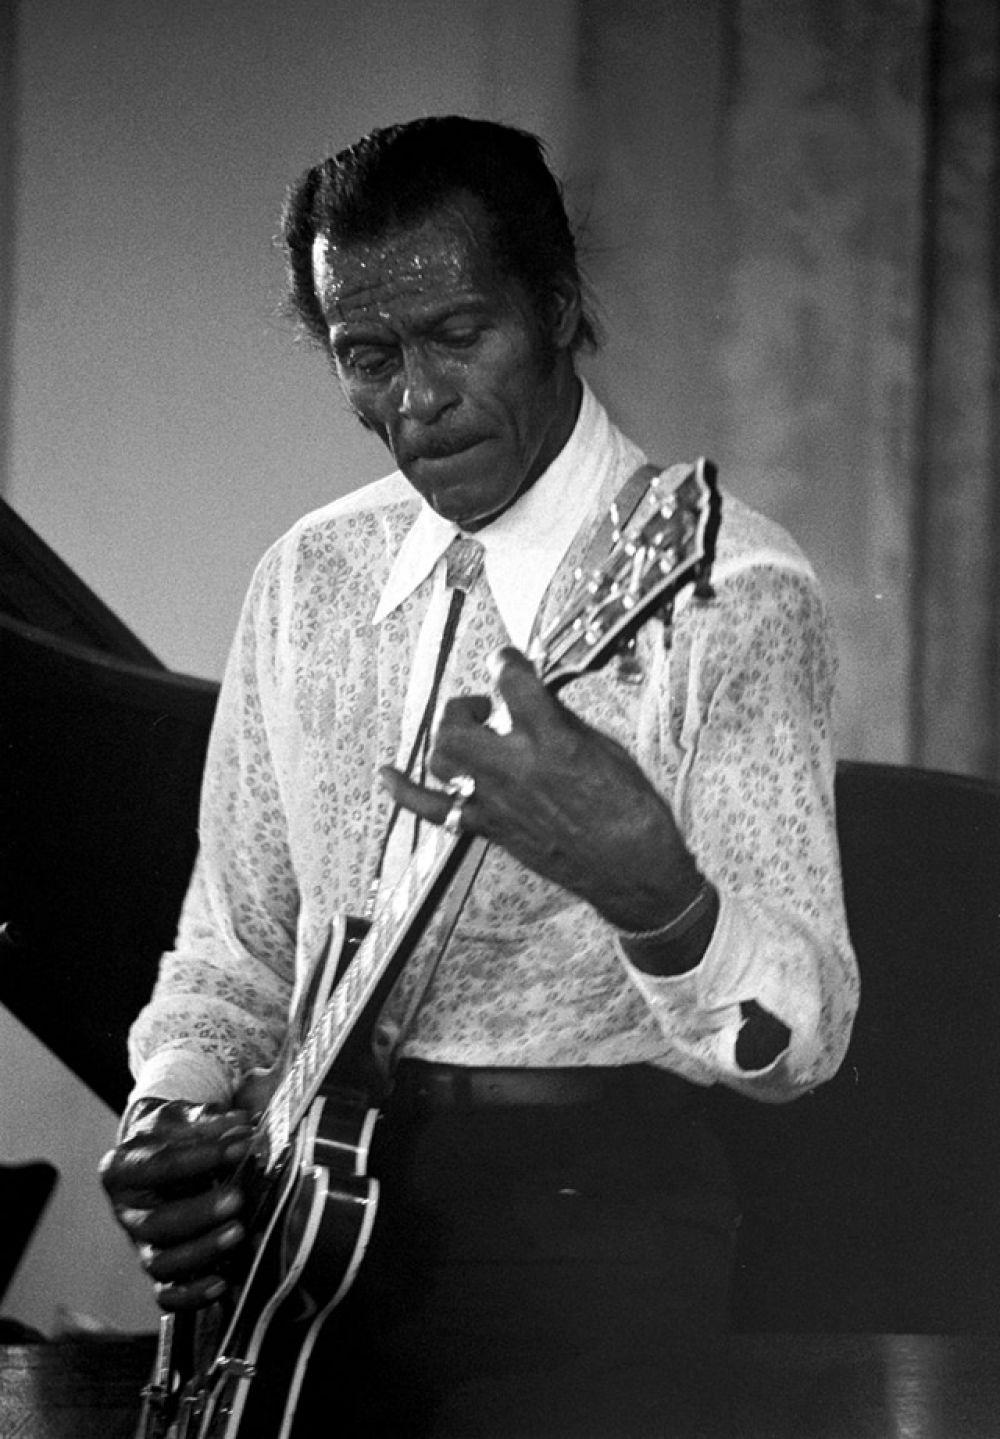 В 1984 году получил музыкальную премию «Грэмми», а в 1986-м стал одним из первых посвященных в американский Зал славы рок-н-ролла.